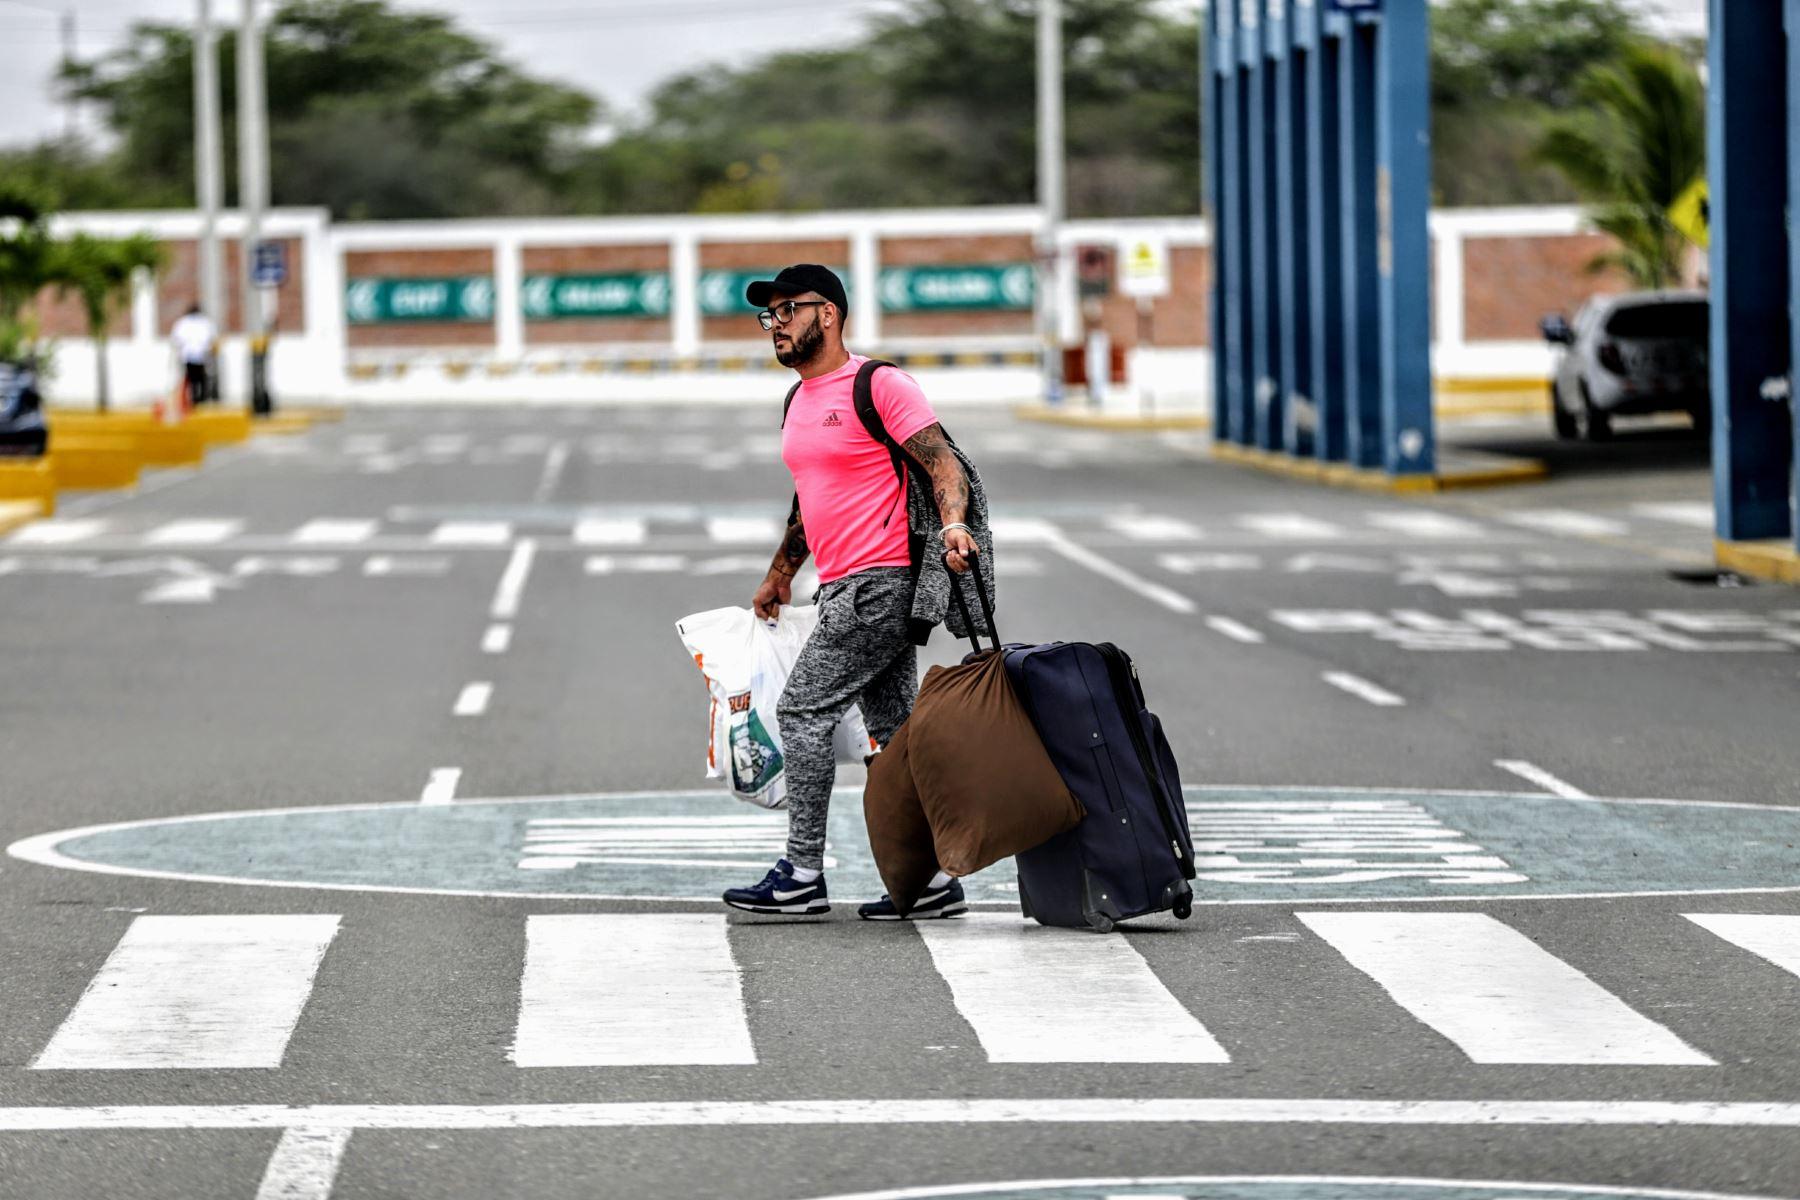 Migrantes venezolanos pueden exponerse a problemas de salud mental por vivir en condiciones de alta vulnerabilidad. ANDINA/Luis Iparraguirre